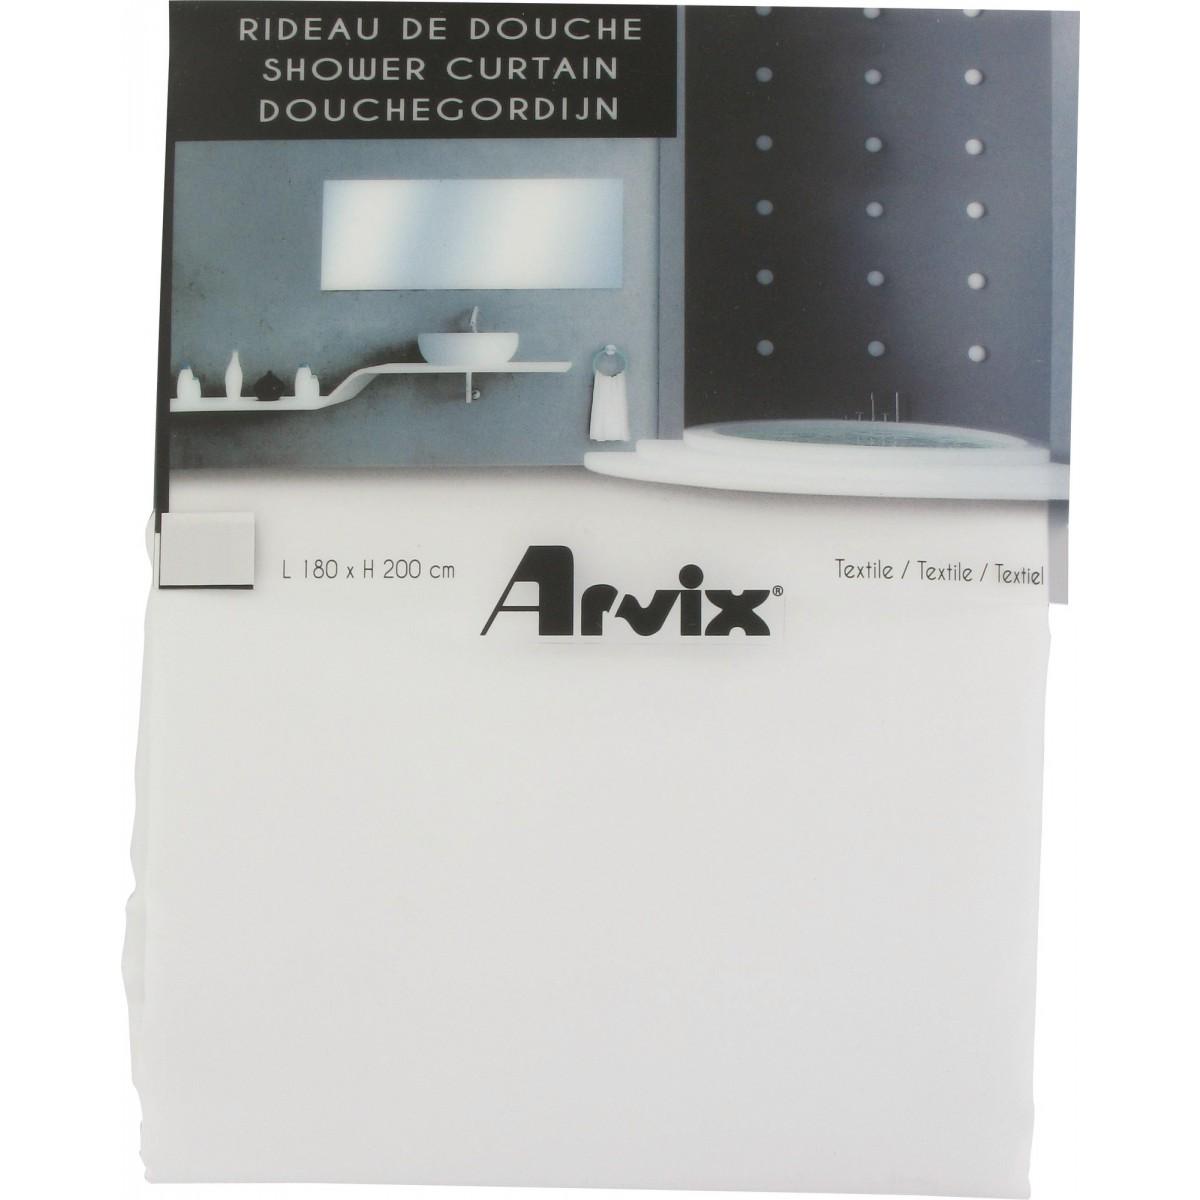 Rideau textile Arvix - Blanc - Longueur 180 cm - Hauteur 200 cm